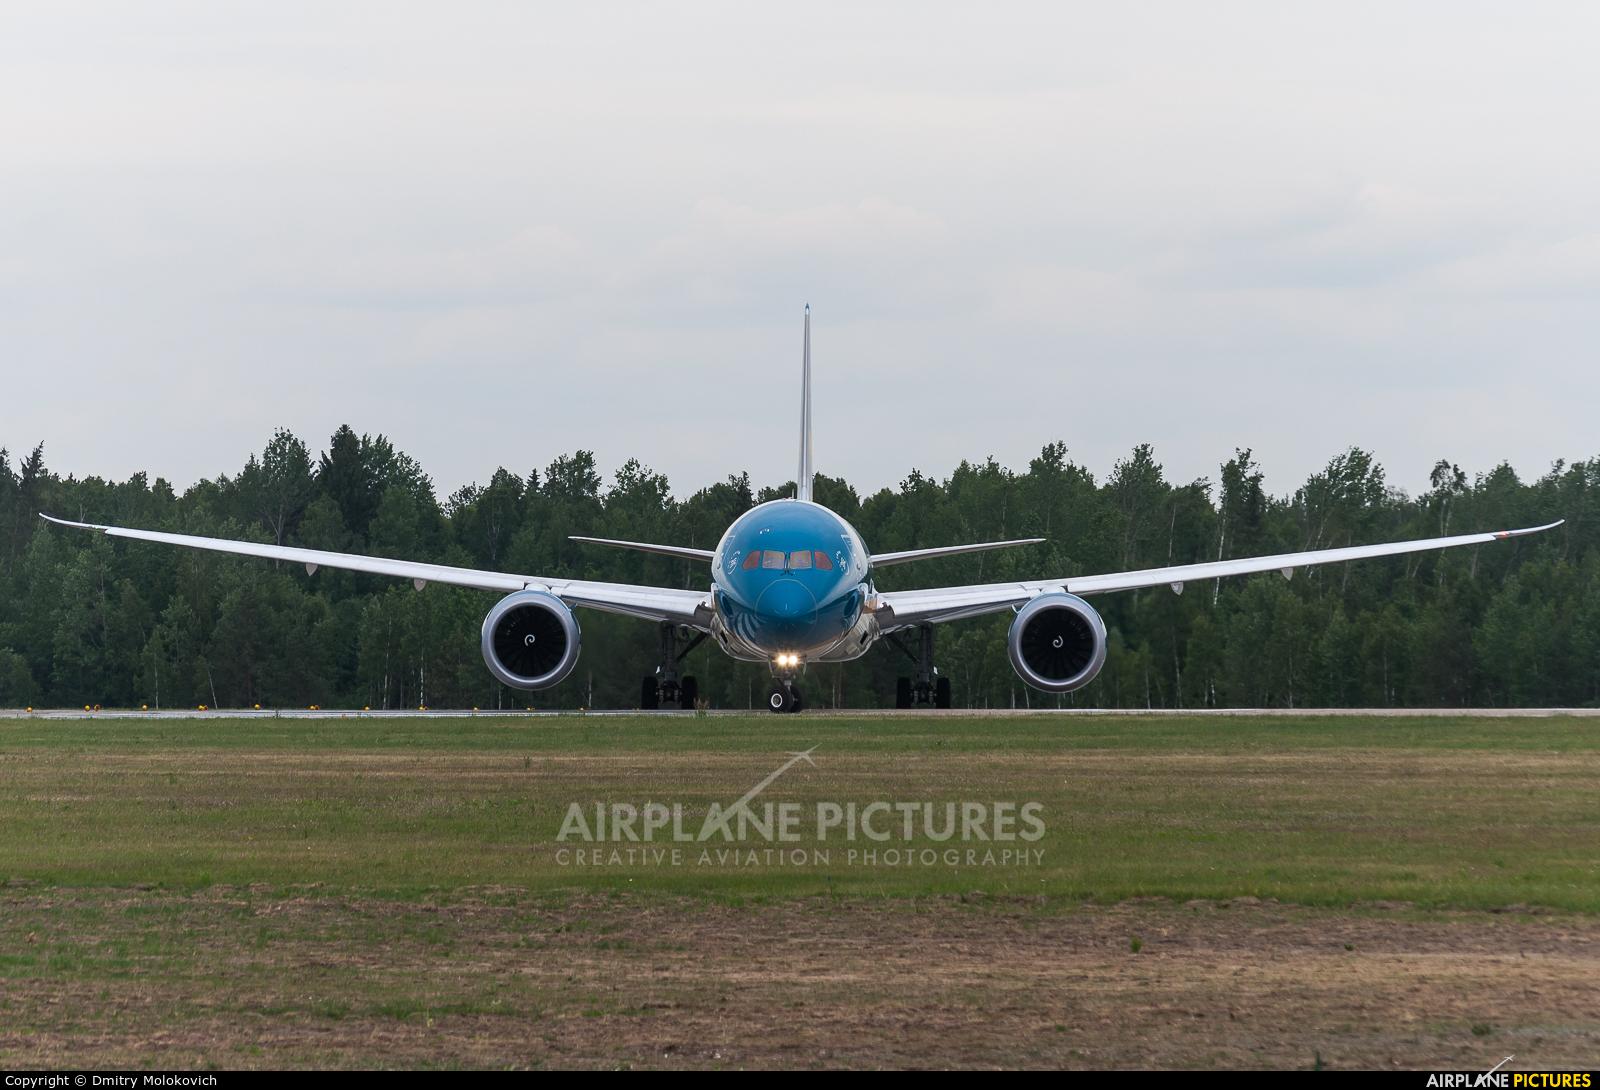 Vietnam Airlines VN-A868 aircraft at Minsk Intl